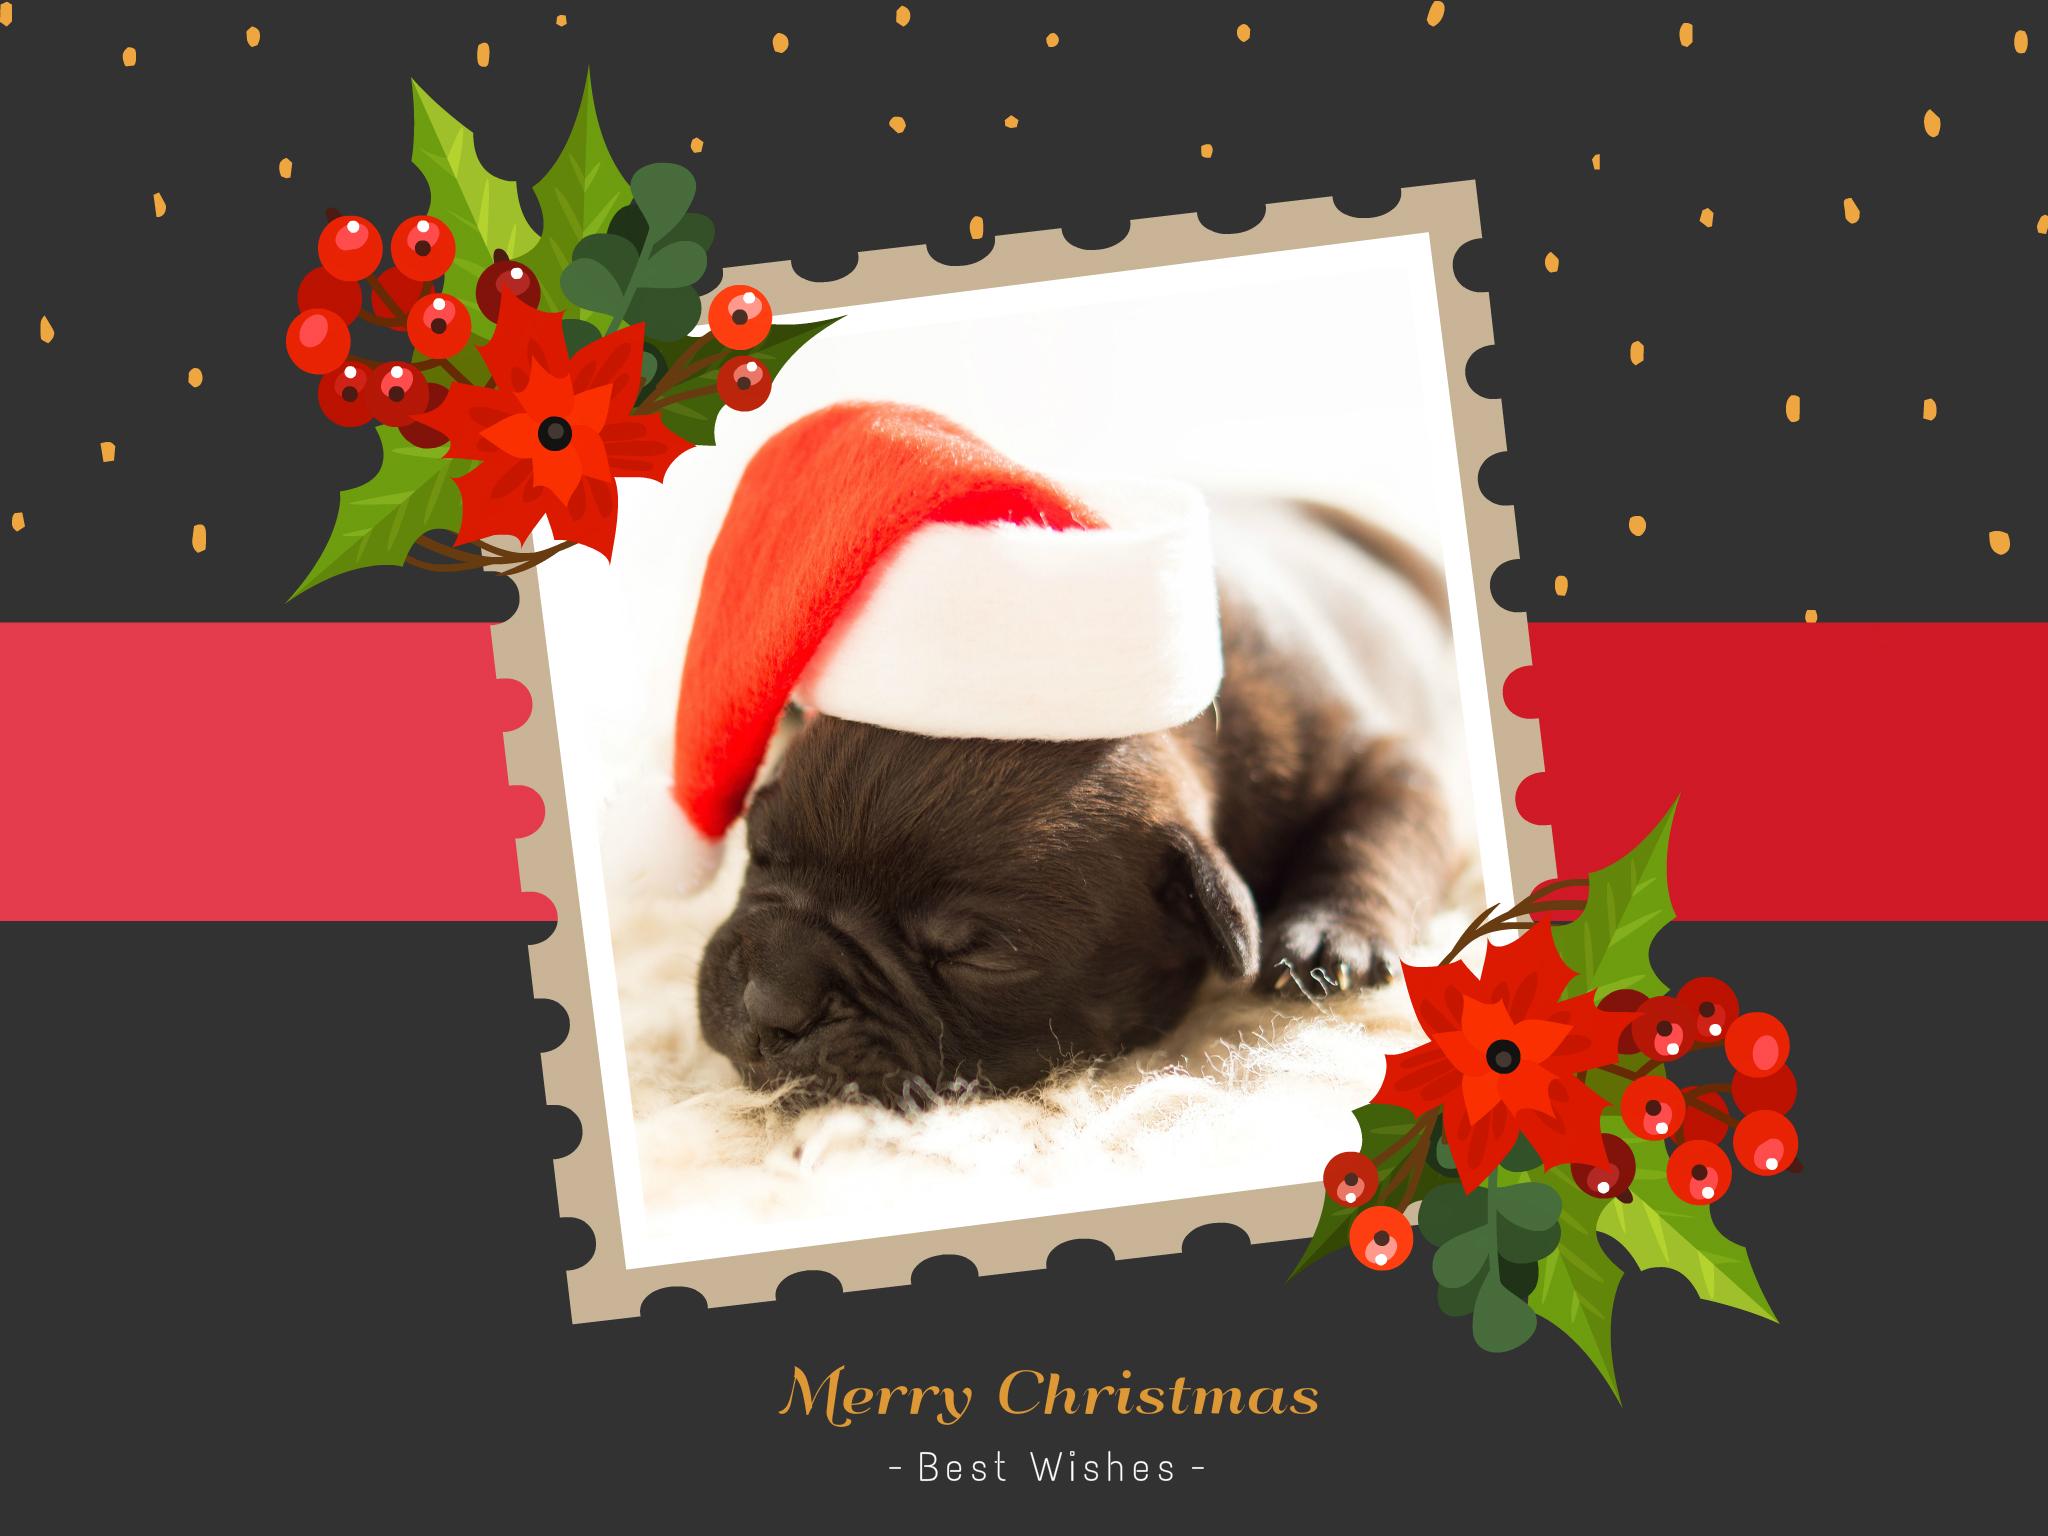 A cute puppy Christmas card